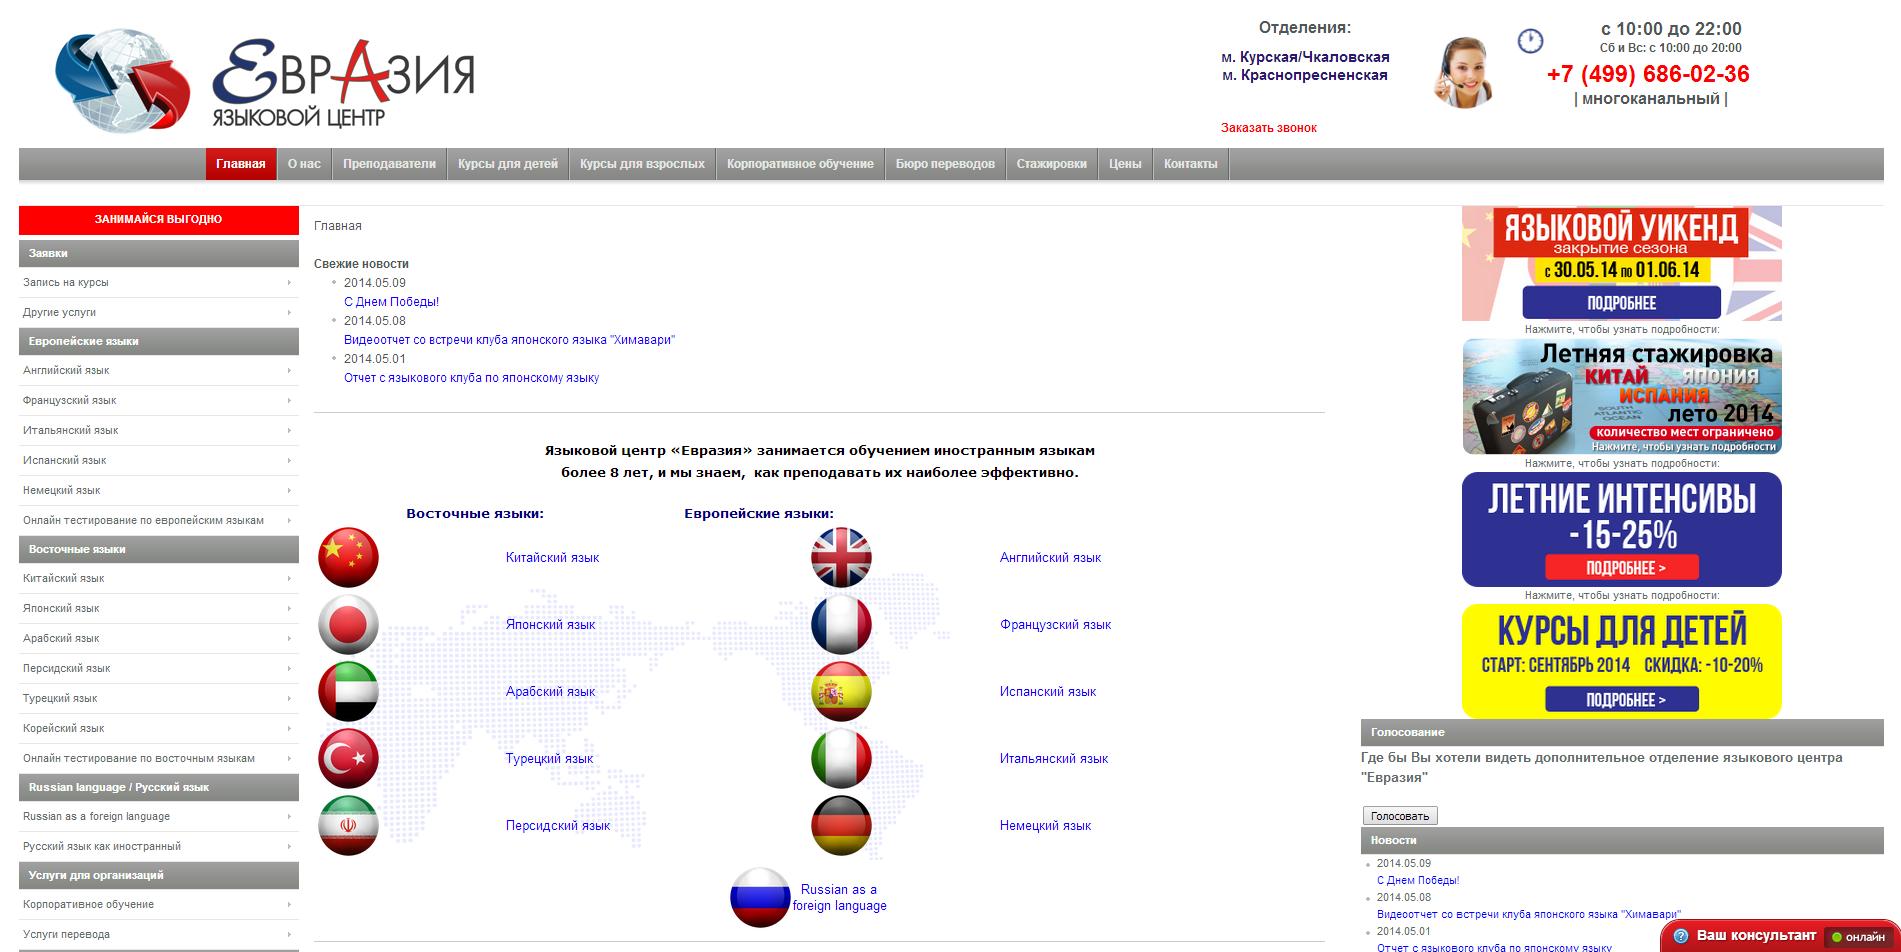 Евразия языковый центр